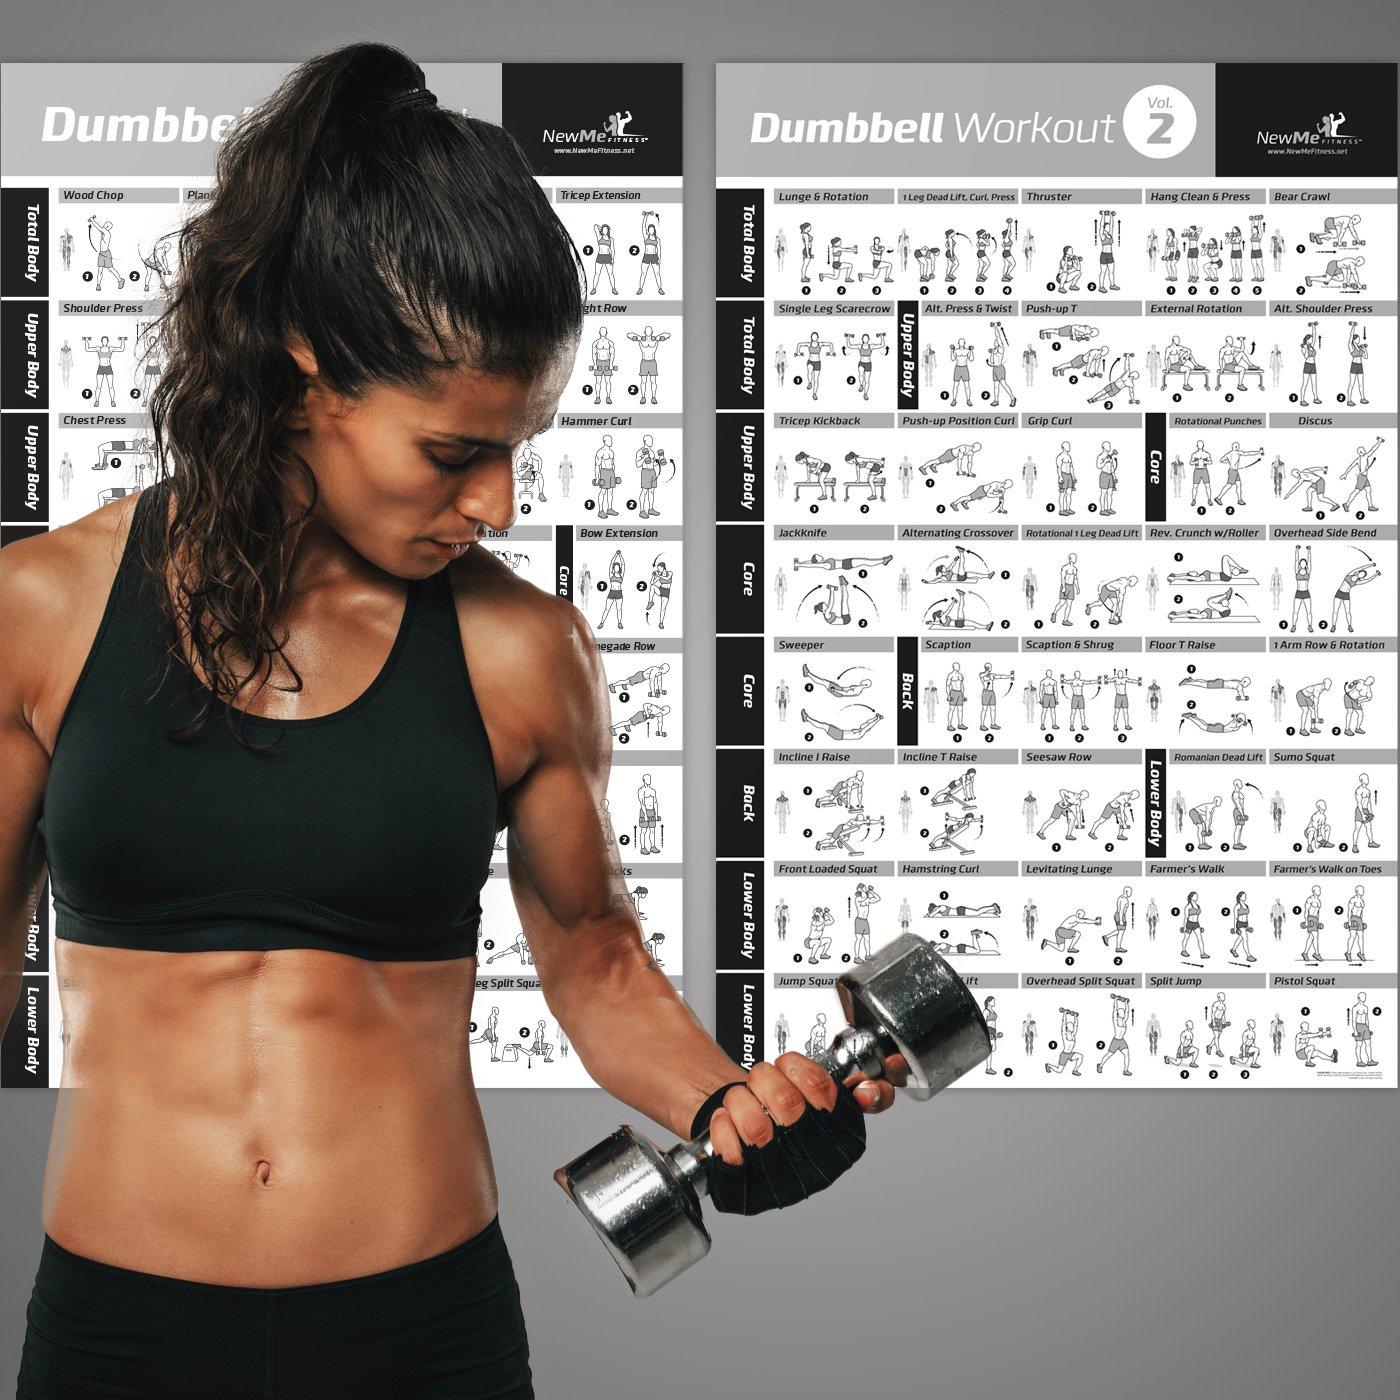 Vol 1 + 2 mancuernas ejercicio Poster 2-Pack laminado - Tabla de entrenamiento entrenamiento de fuerza - Construir tono muscular, apriete - Gimnasio en casa ...